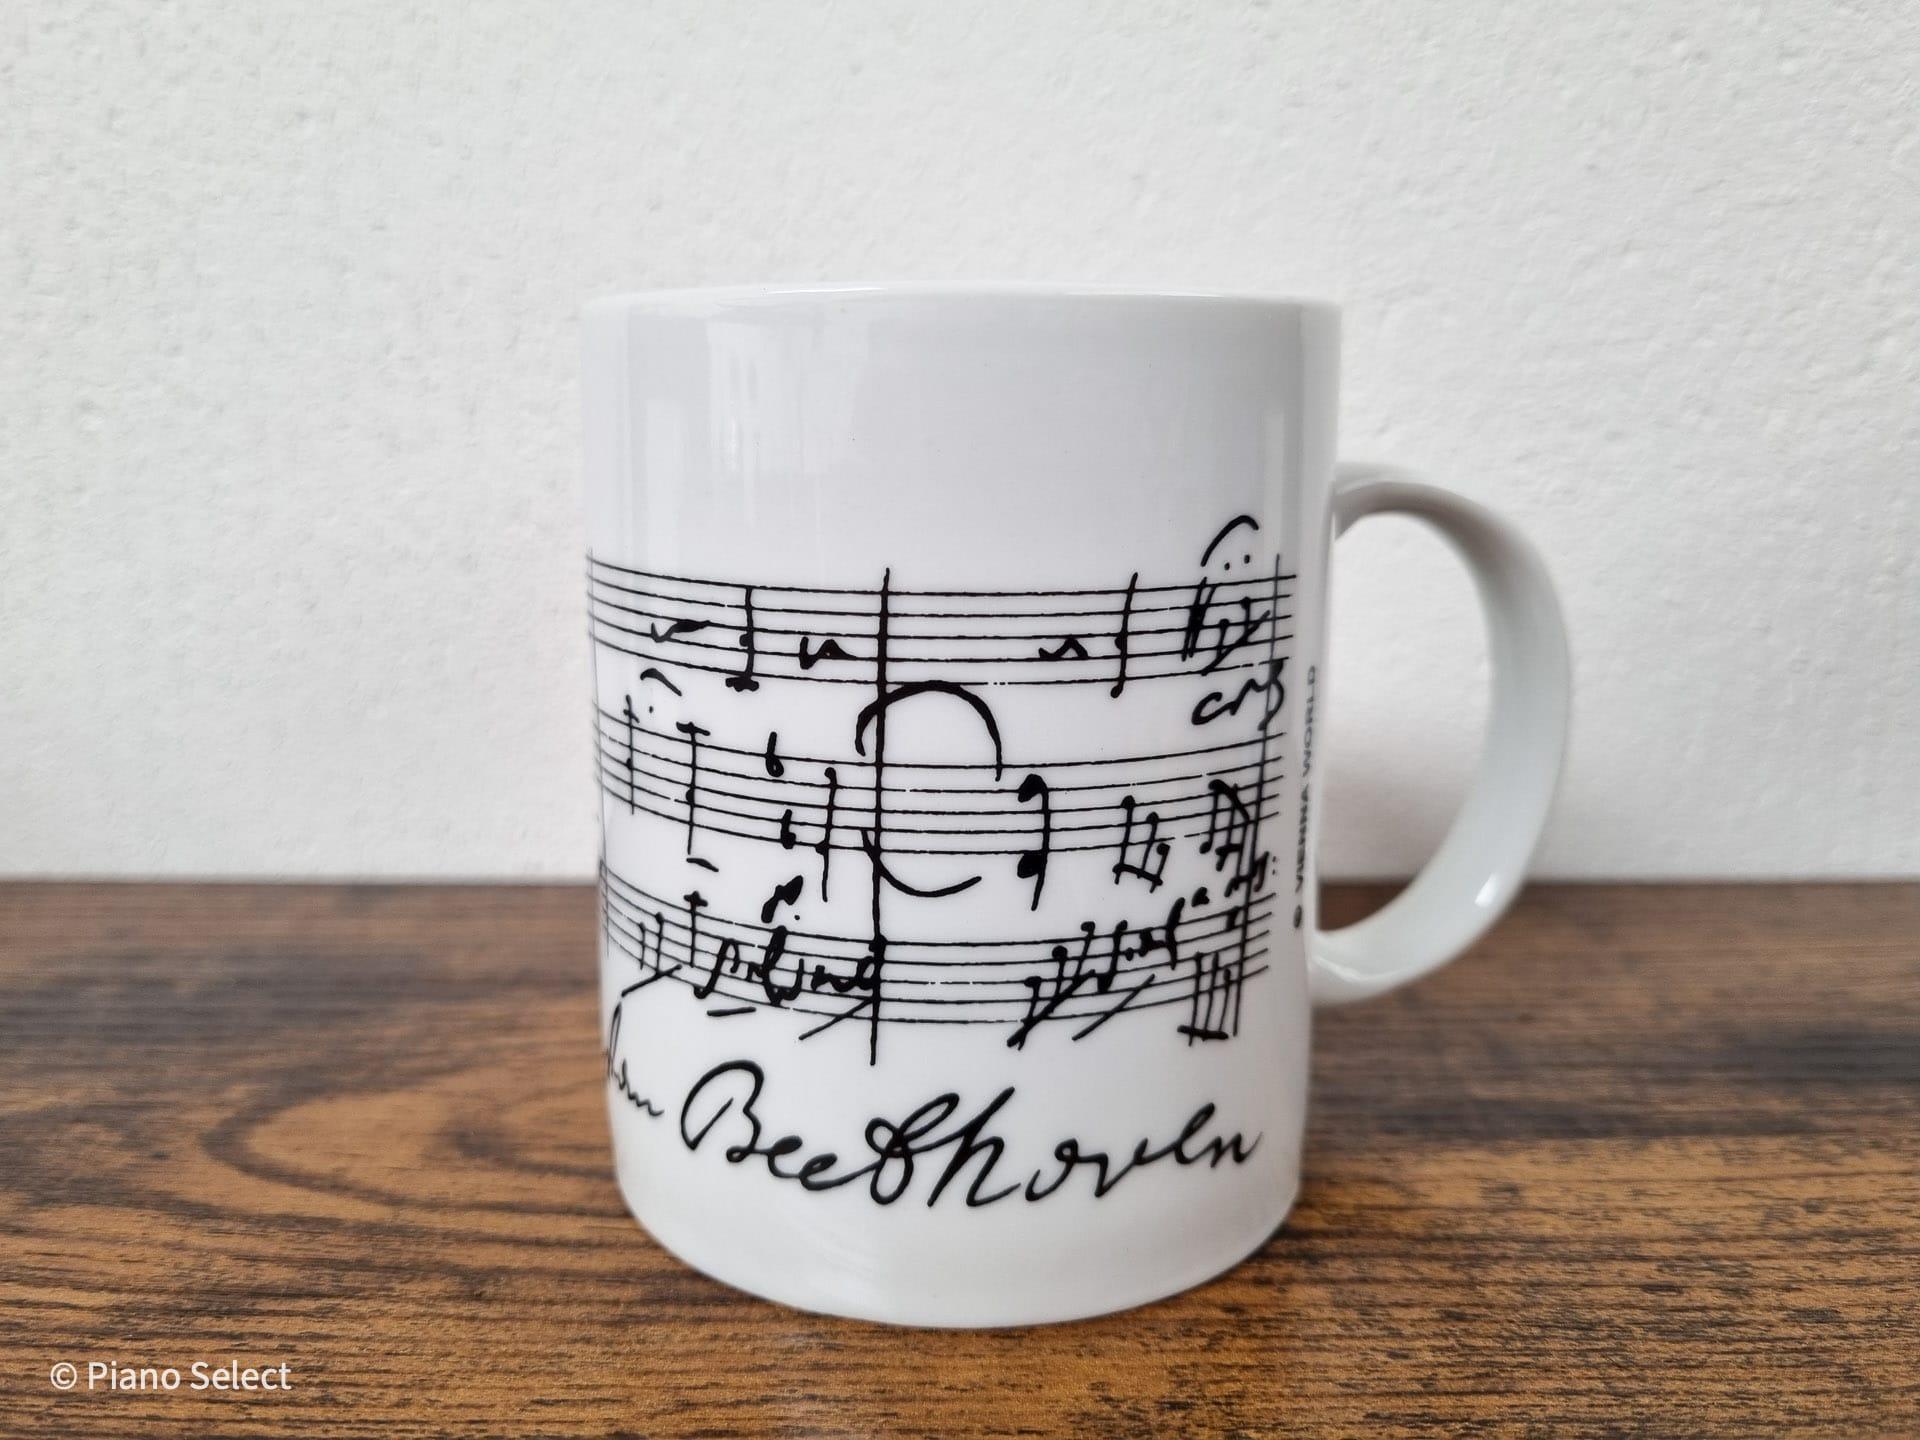 Mok muziek - Beethoven